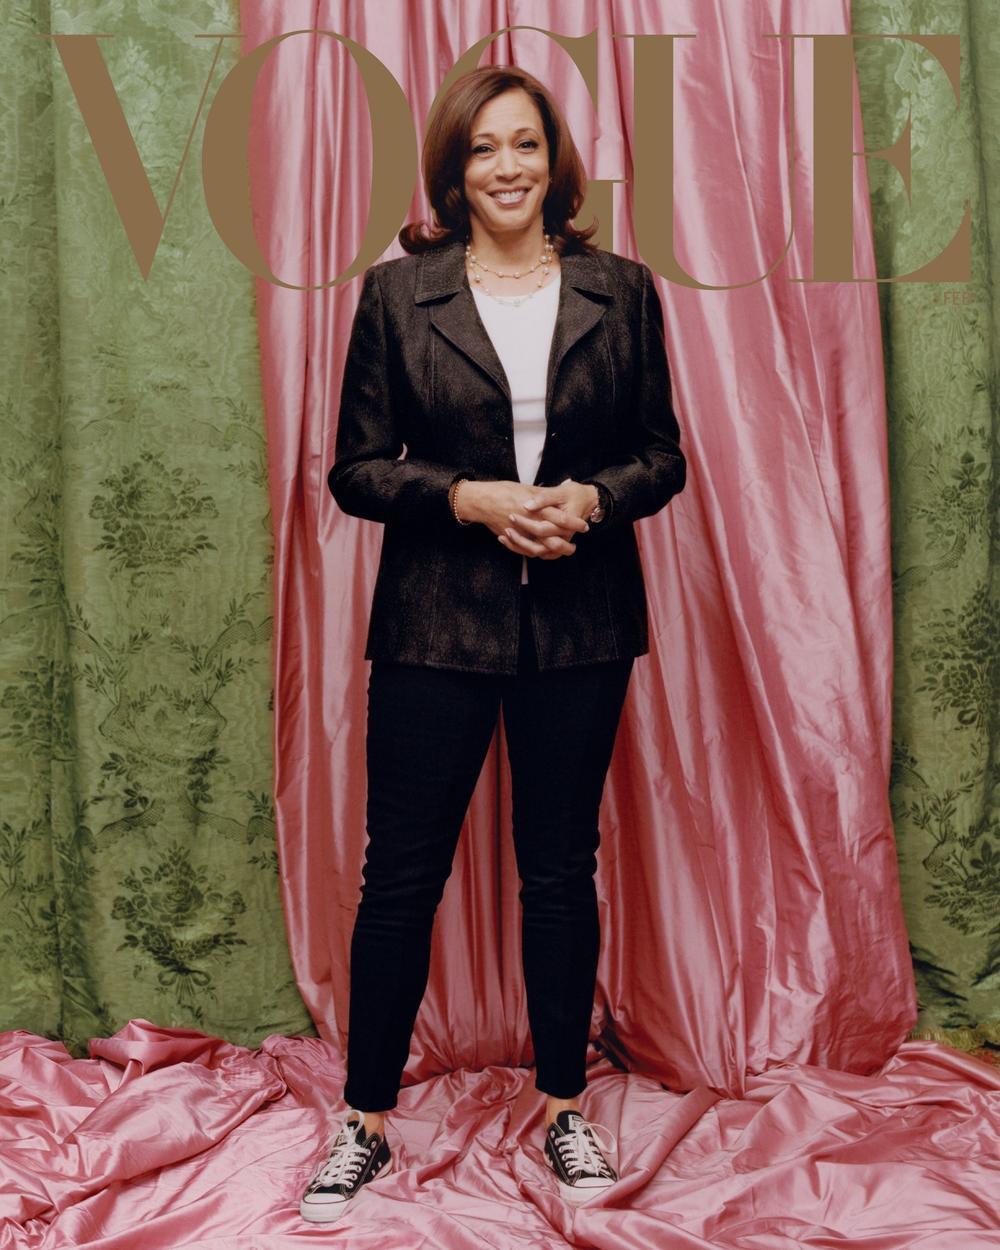 Nữ Phó Tổng thống Mỹ Kamala Harris trên bìa tạp chí Vogue gây tranh cãi dữ dội Ảnh 2